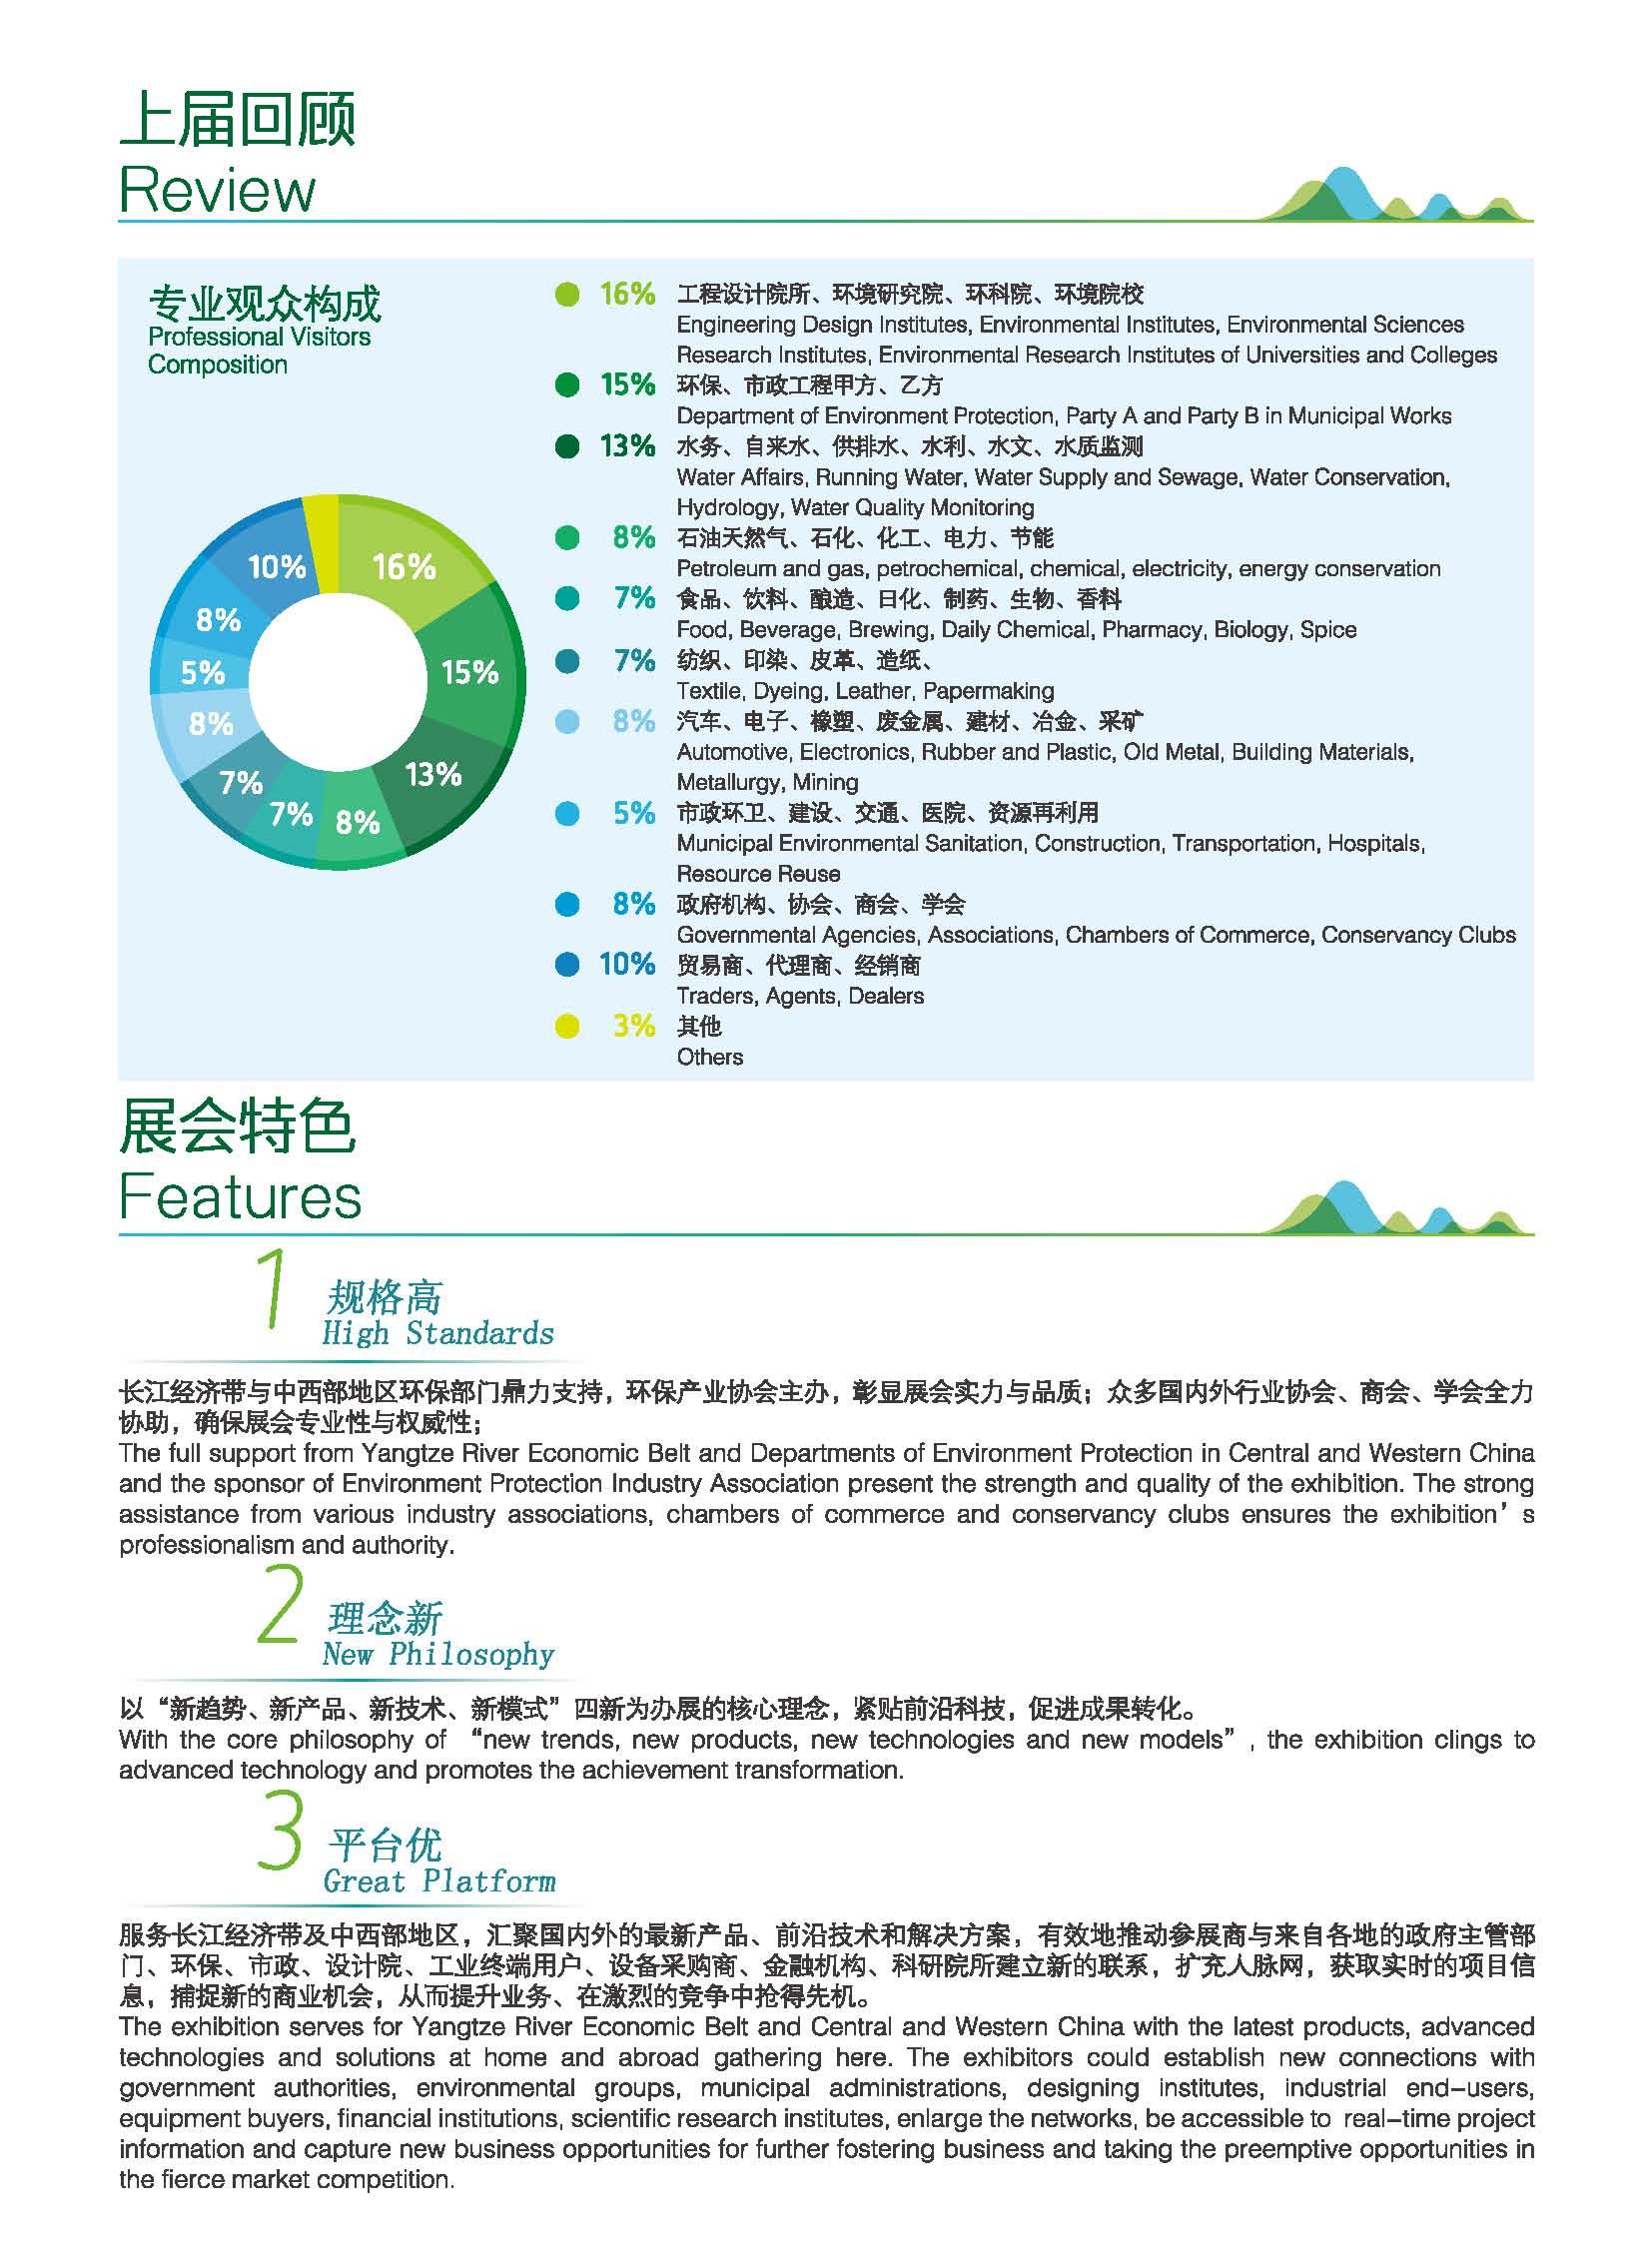 2019长江经济带AG真人视讯-重庆博览会邀请函_页面_05